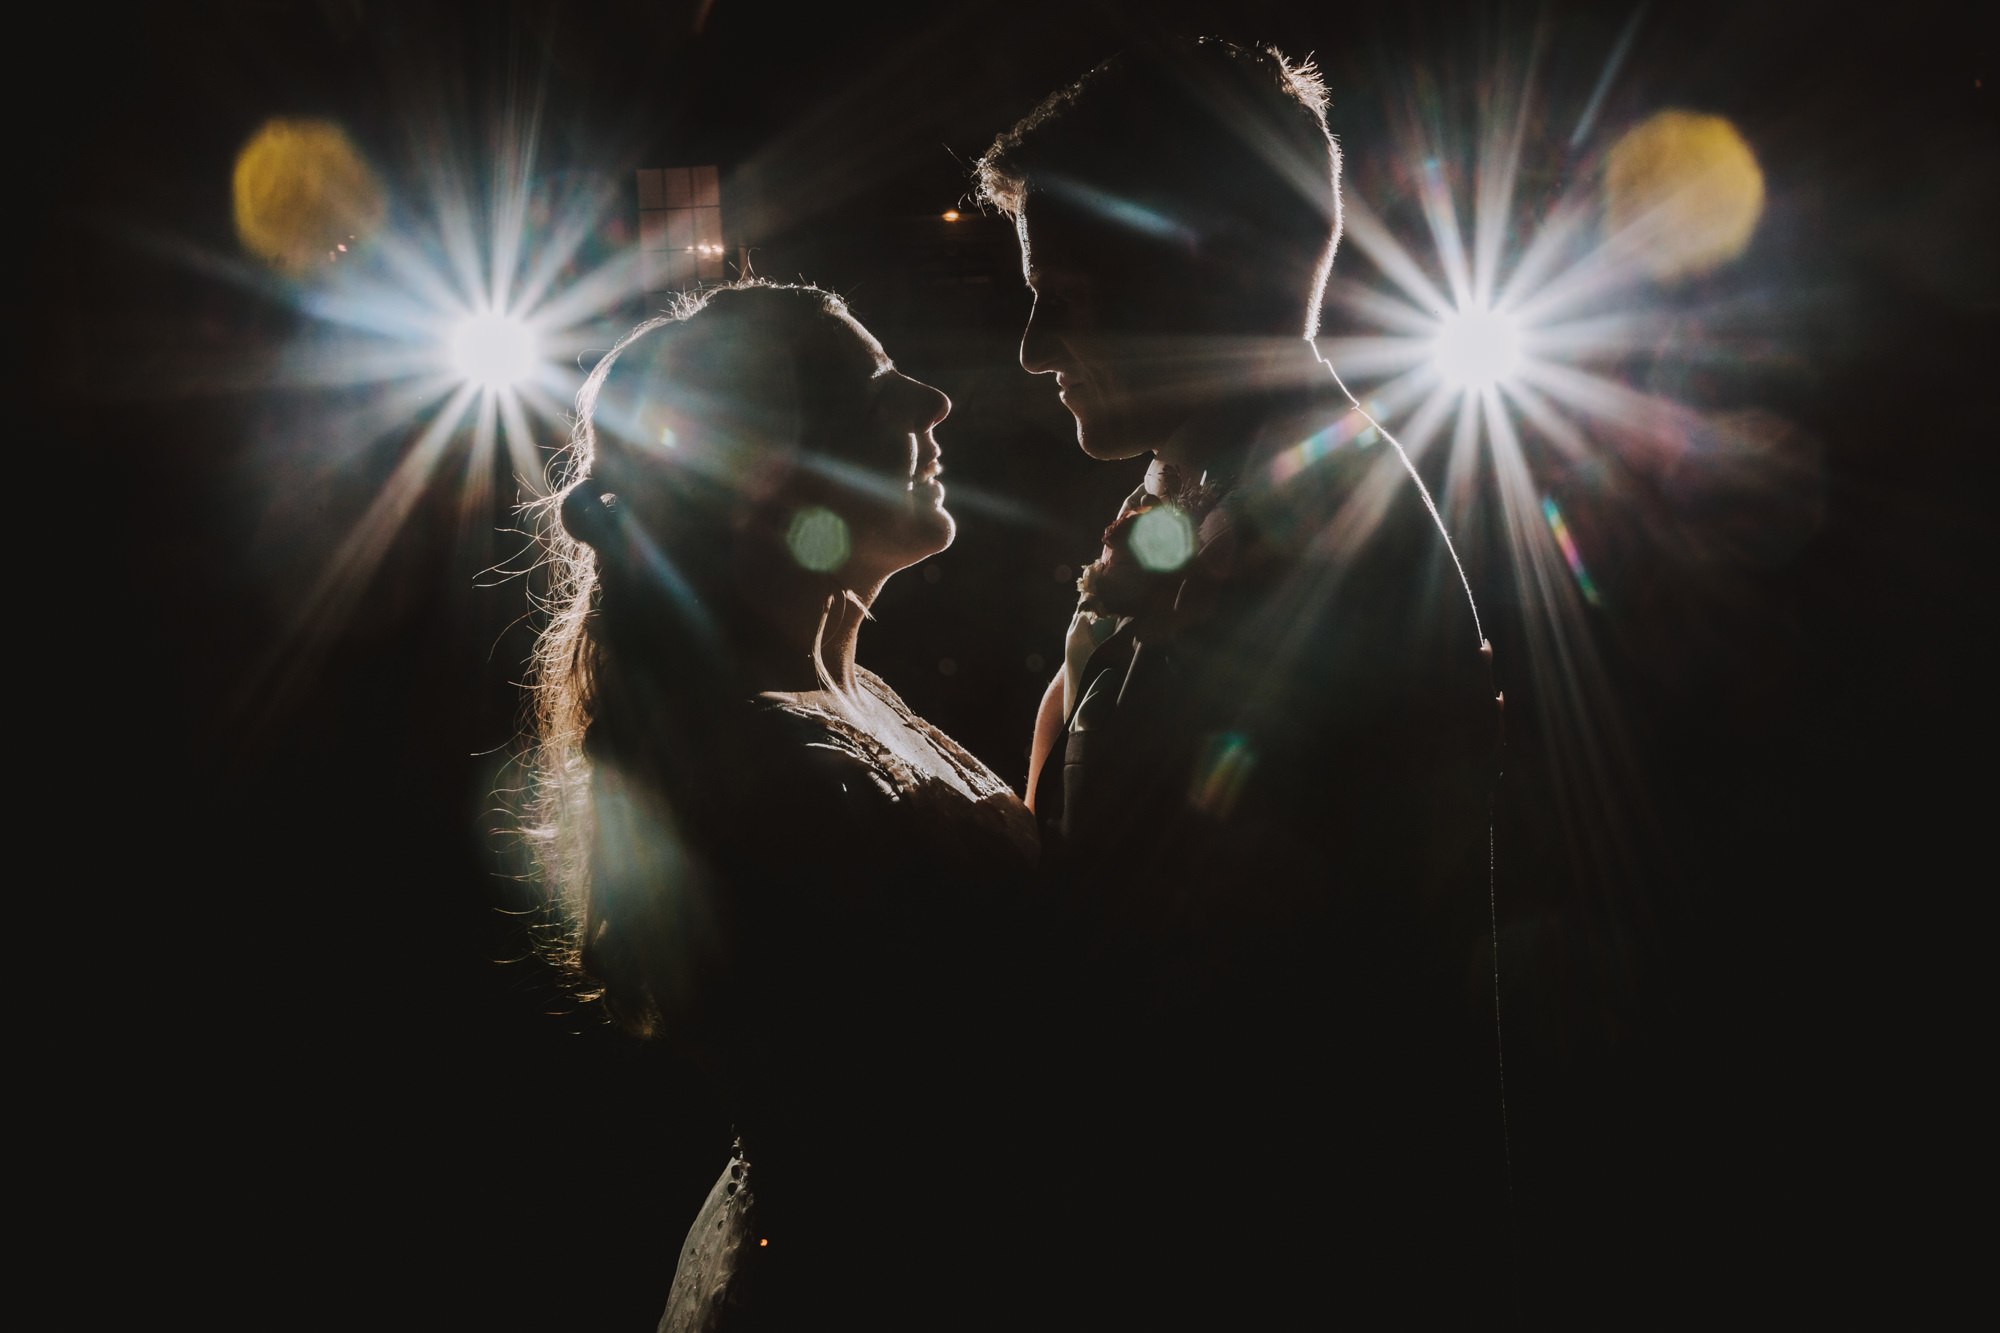 wedding photographers in buckinghamshire-40.jpg